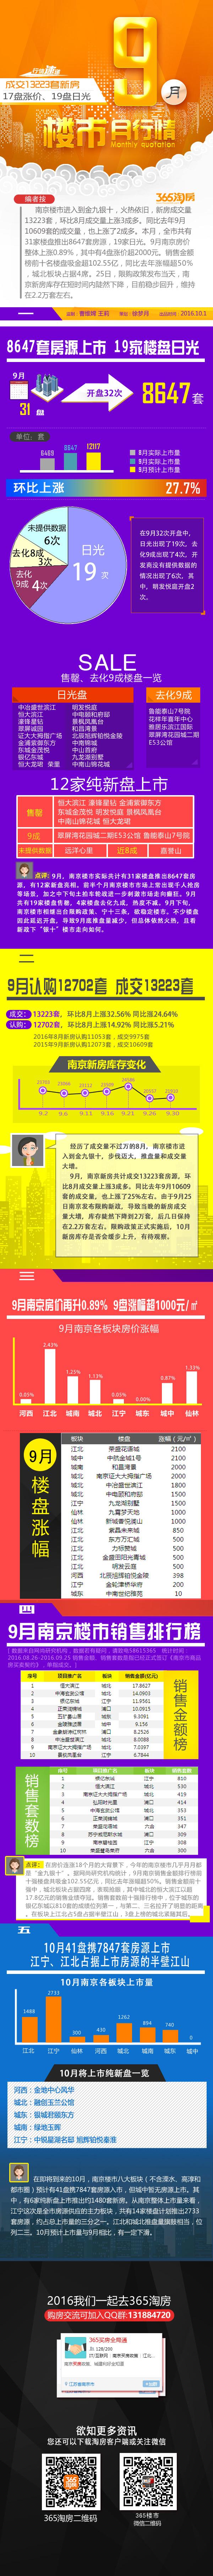 图说|火热金九 19盘日光 南京新房成交超1.3万套!南京楼市进入到金九银十,火热依旧,新房成交量13223套,环比8月成交量上涨3成多。同比去年9月10609套的成交量,也上涨了2成多。本月,全市共有31家楼盘推出8647套房源,19家日光。